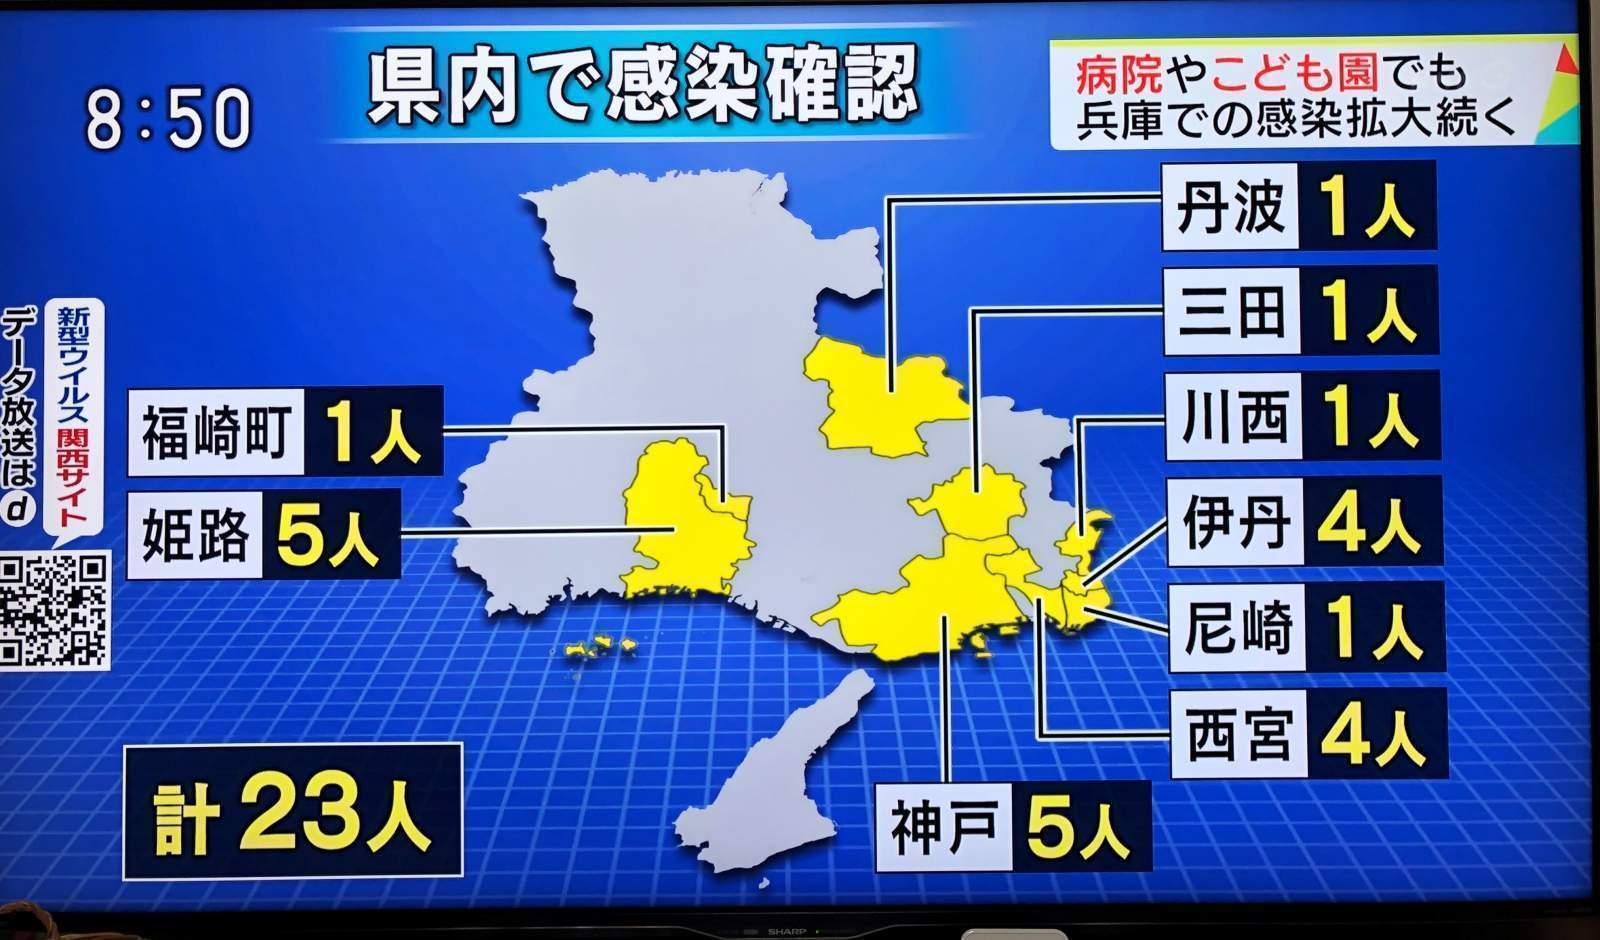 ウイルス 尼崎 コロナ コロナワクチン接種 尼崎市が64歳以下のスケジュール発表 総合 神戸新聞NEXT